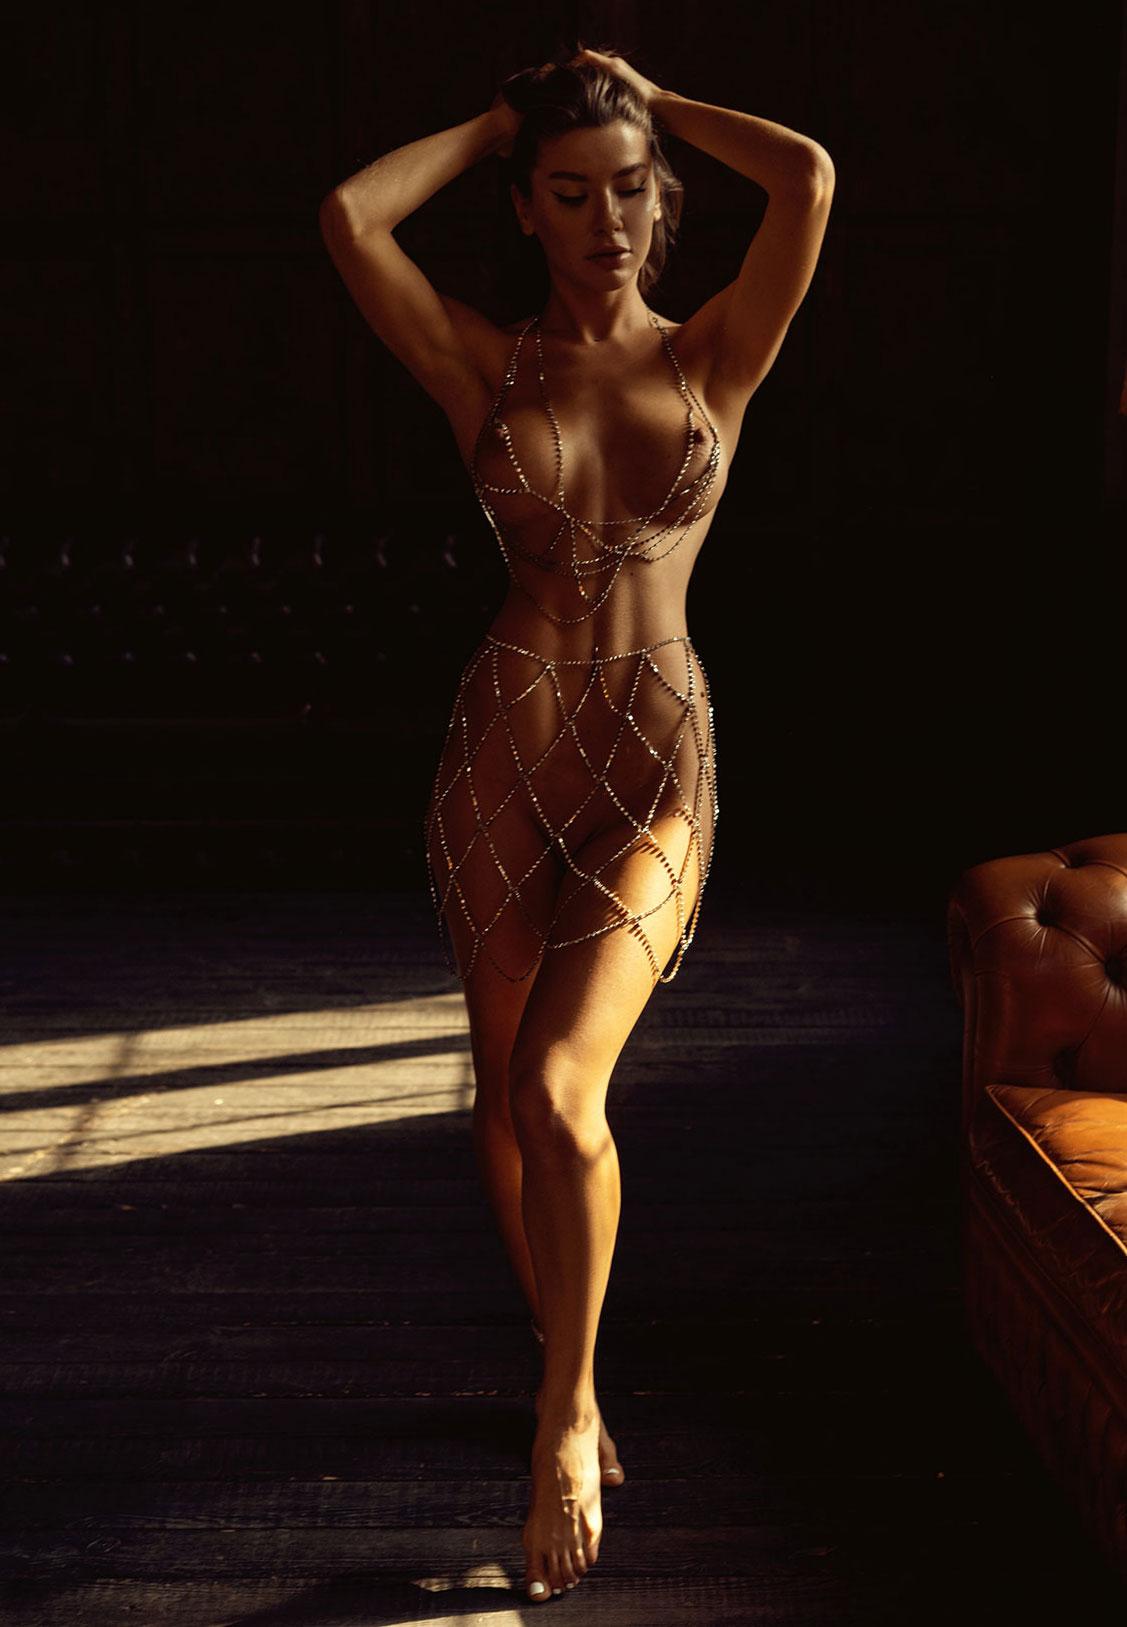 Сексуальная голая девушка в драгоценных цепях / фото 08